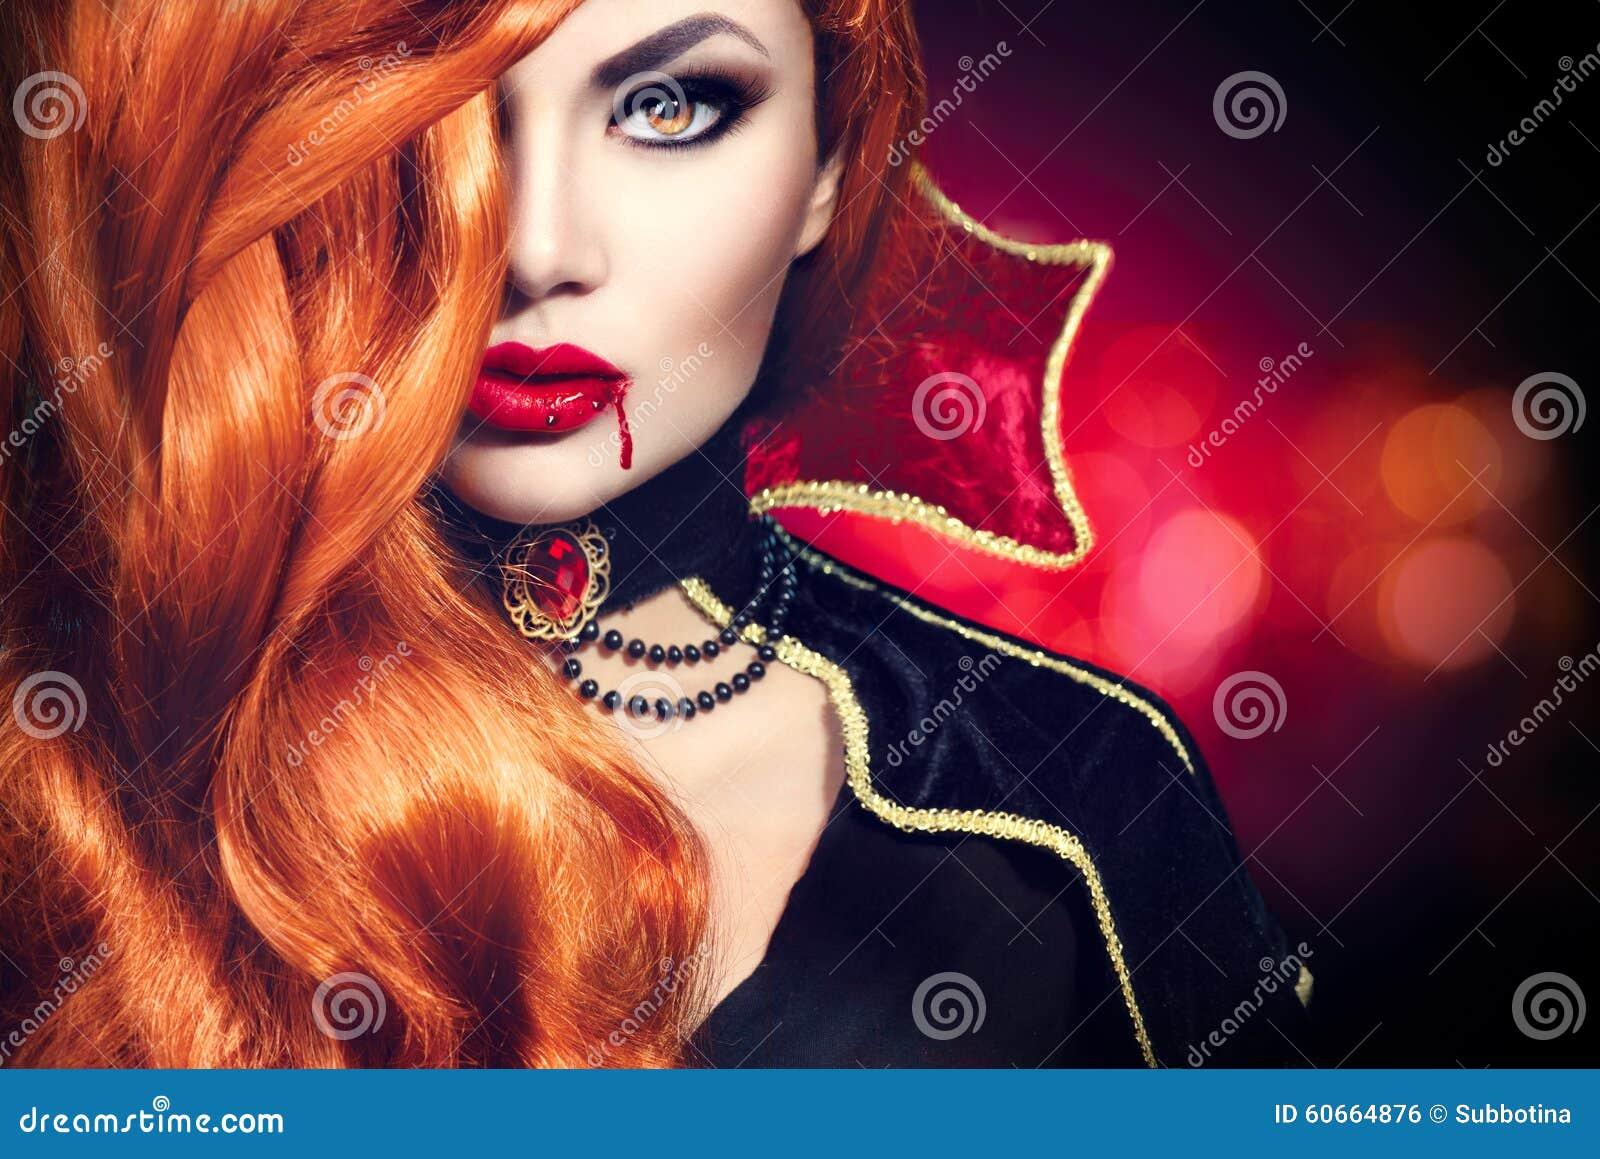 Retrato de la mujer del vampiro de Halloween